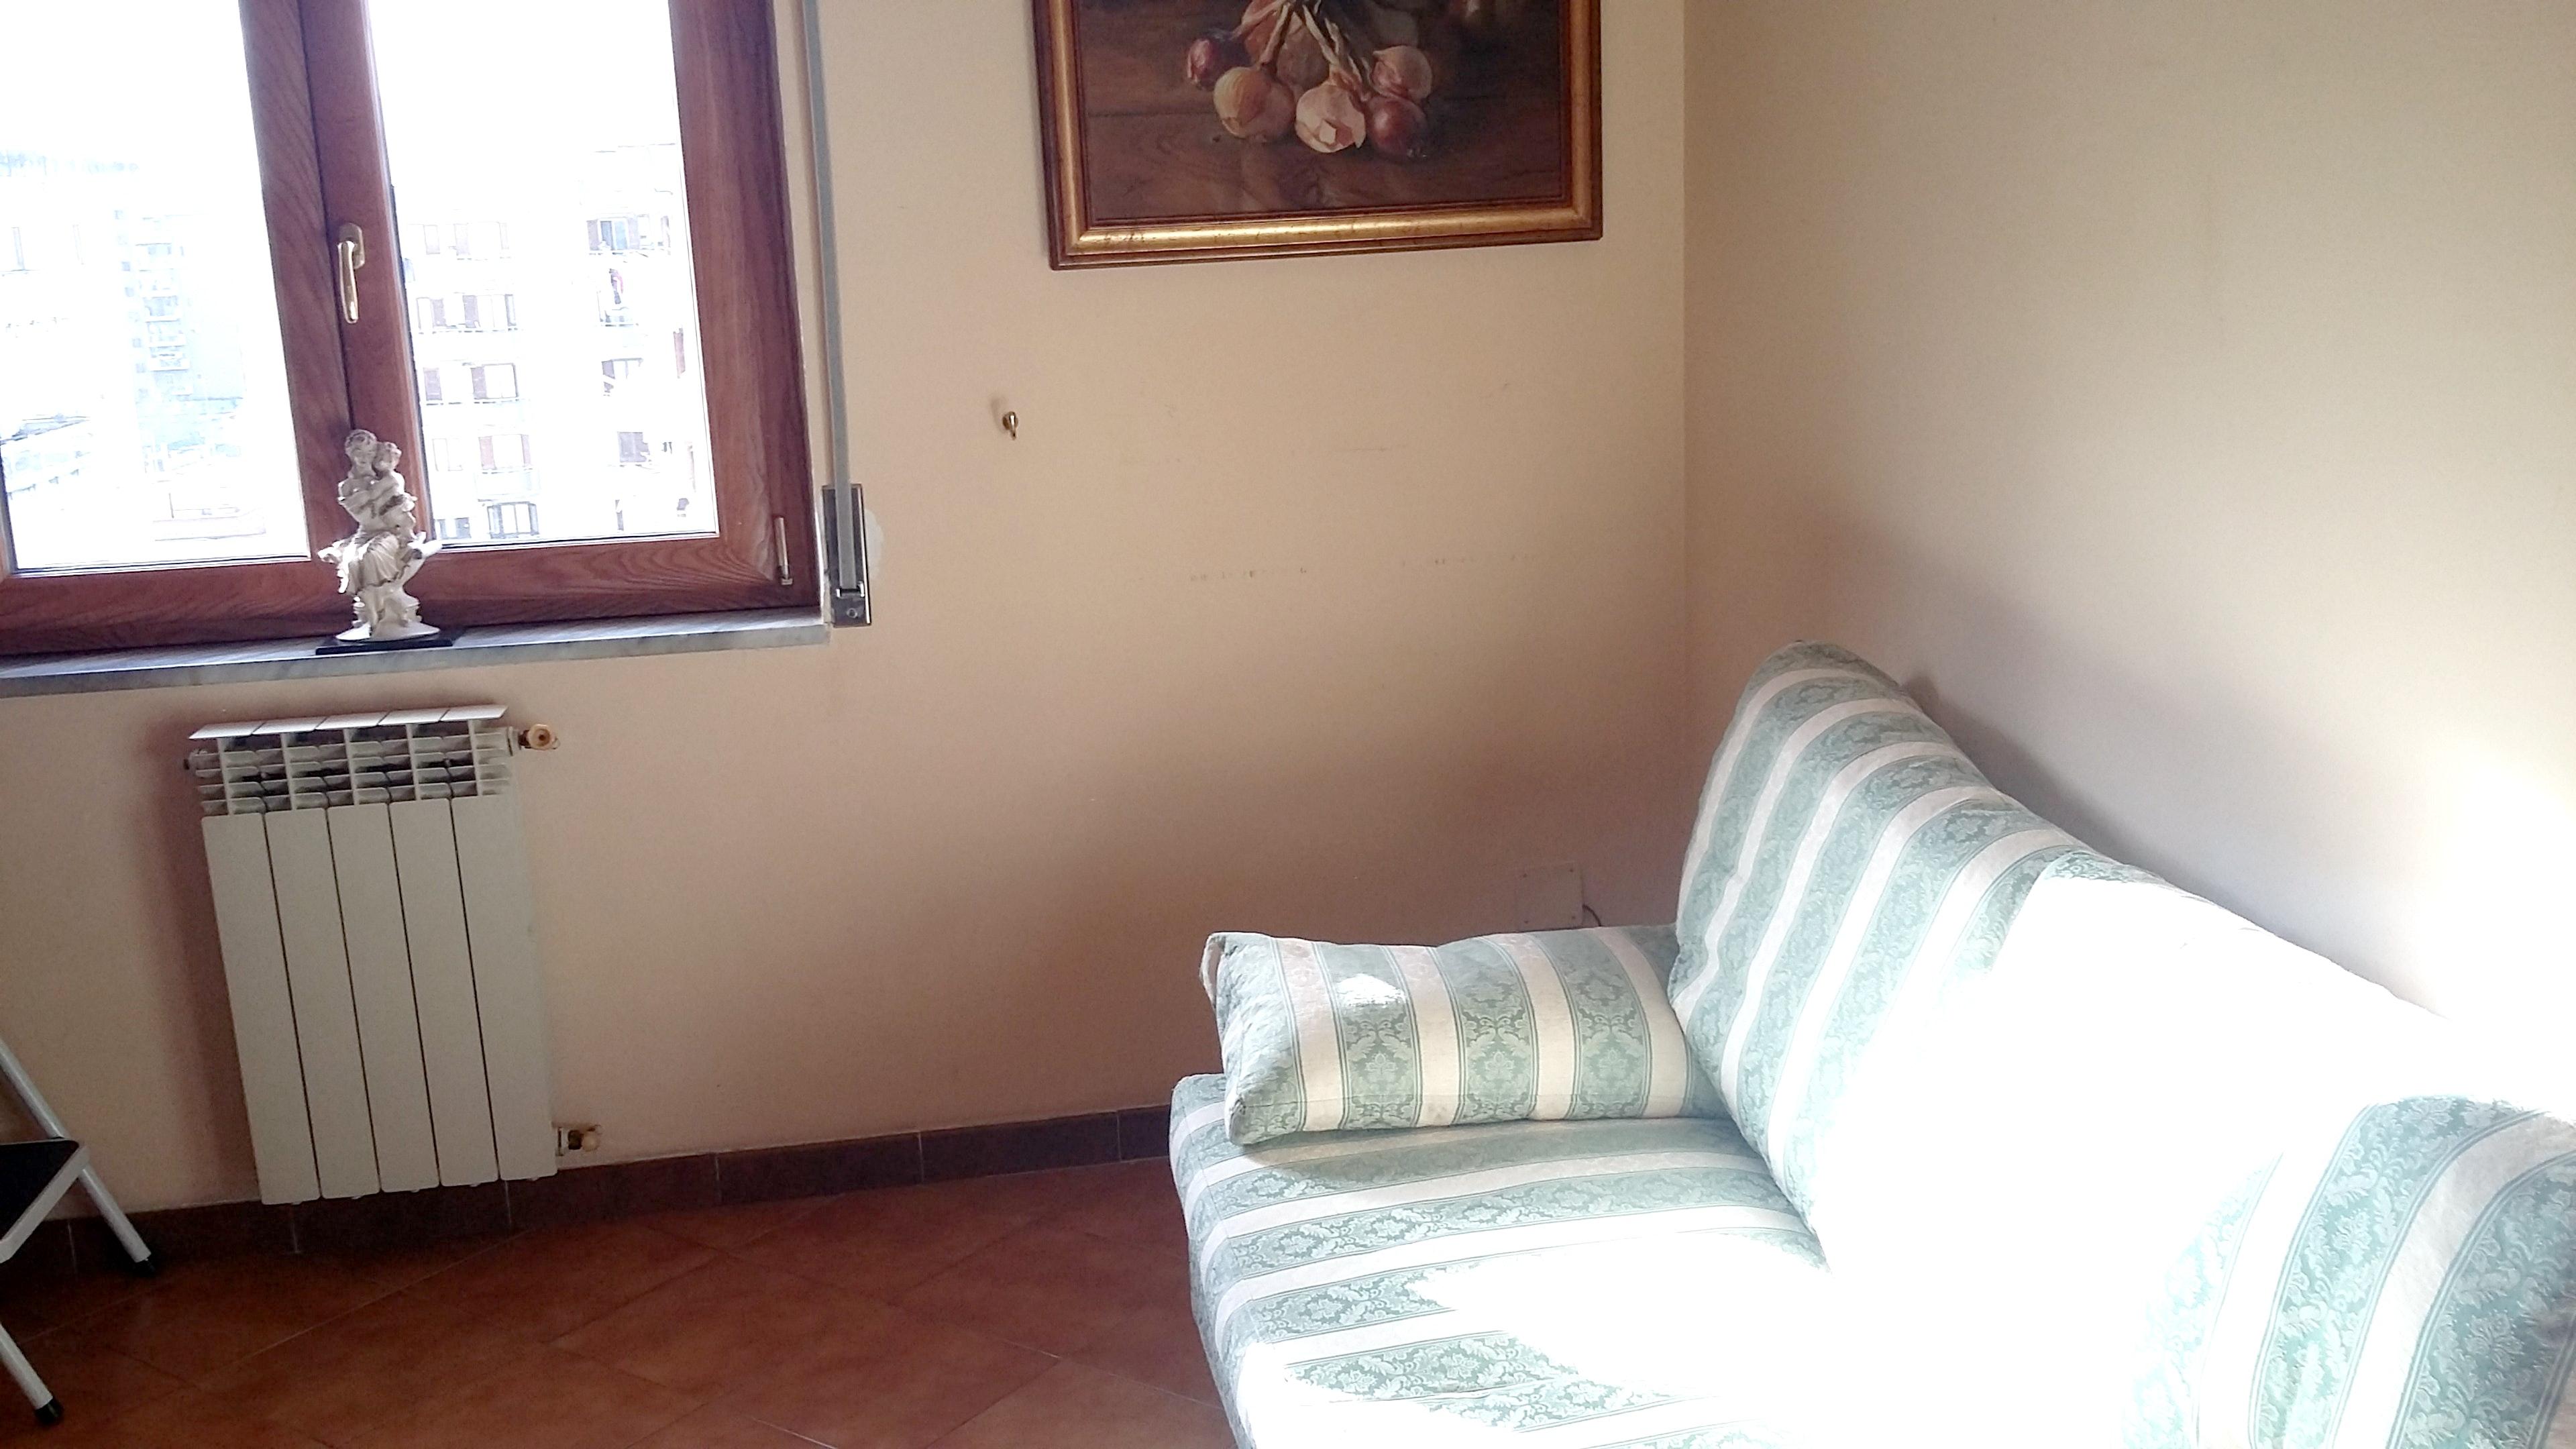 Ferienwohnung Wohnung mit 3 Schlafzimmern in Angri mit schöner Aussicht auf die Stadt und möbliertem Bal (2557376), Angri, Salerno, Kampanien, Italien, Bild 6